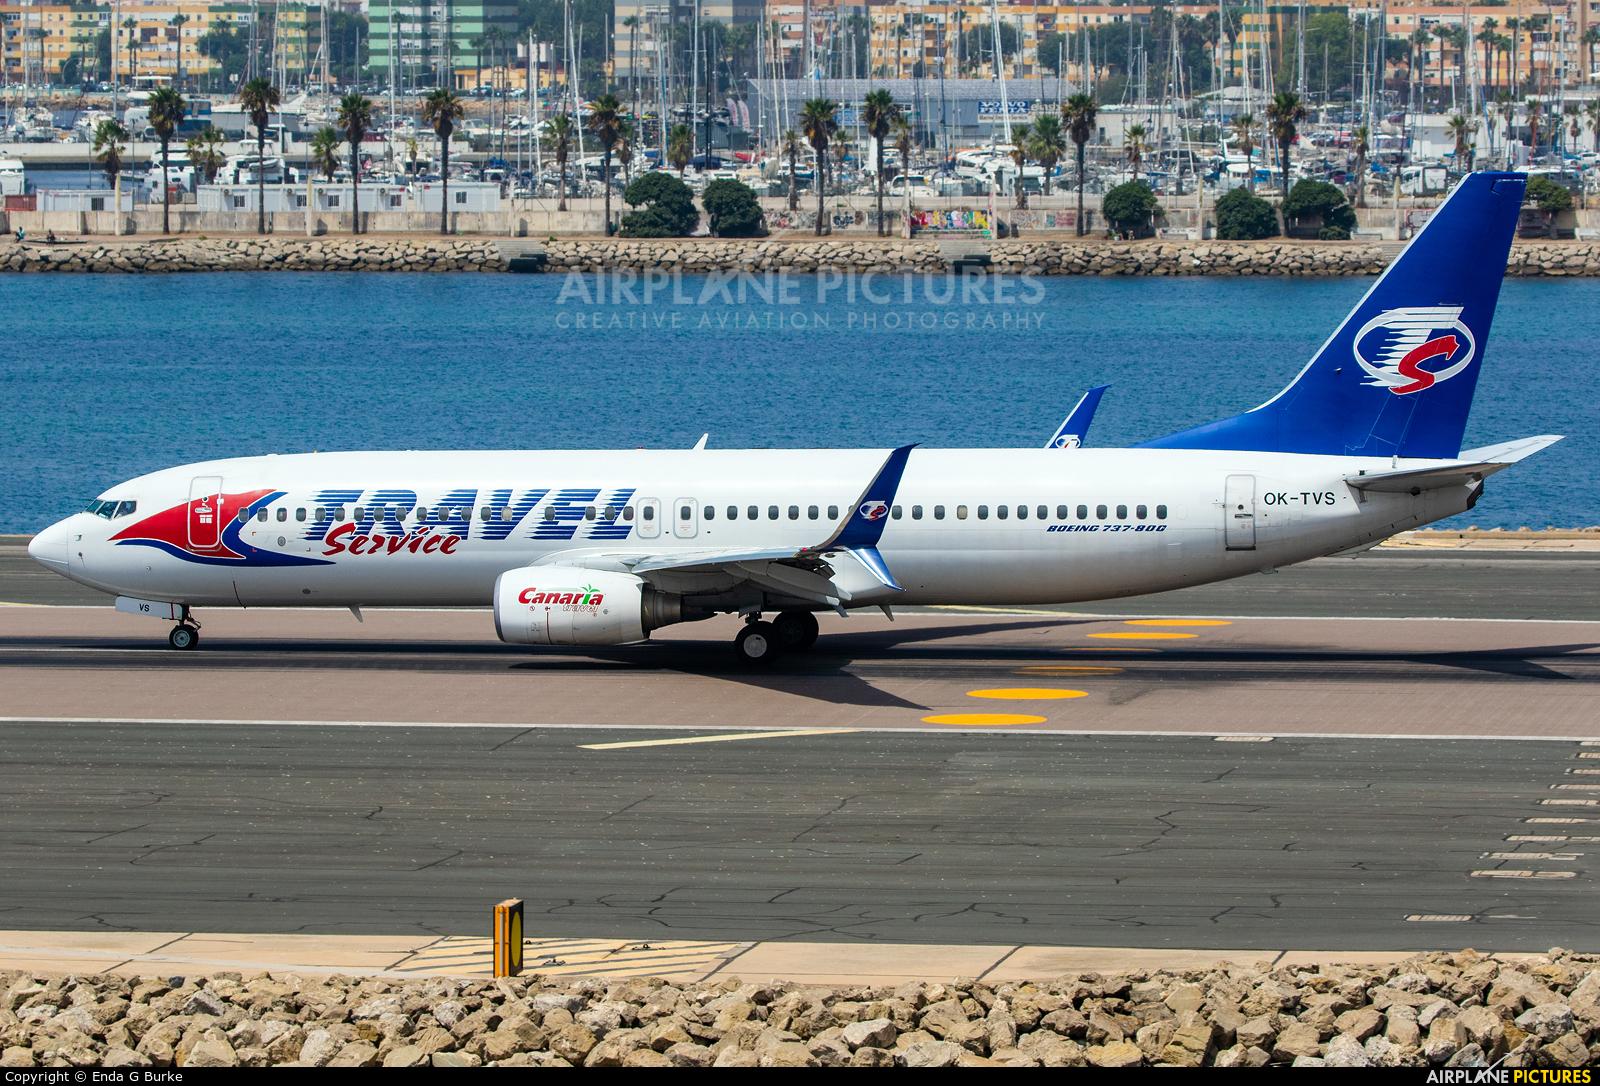 Travel Service OK-TVS aircraft at Gibraltar